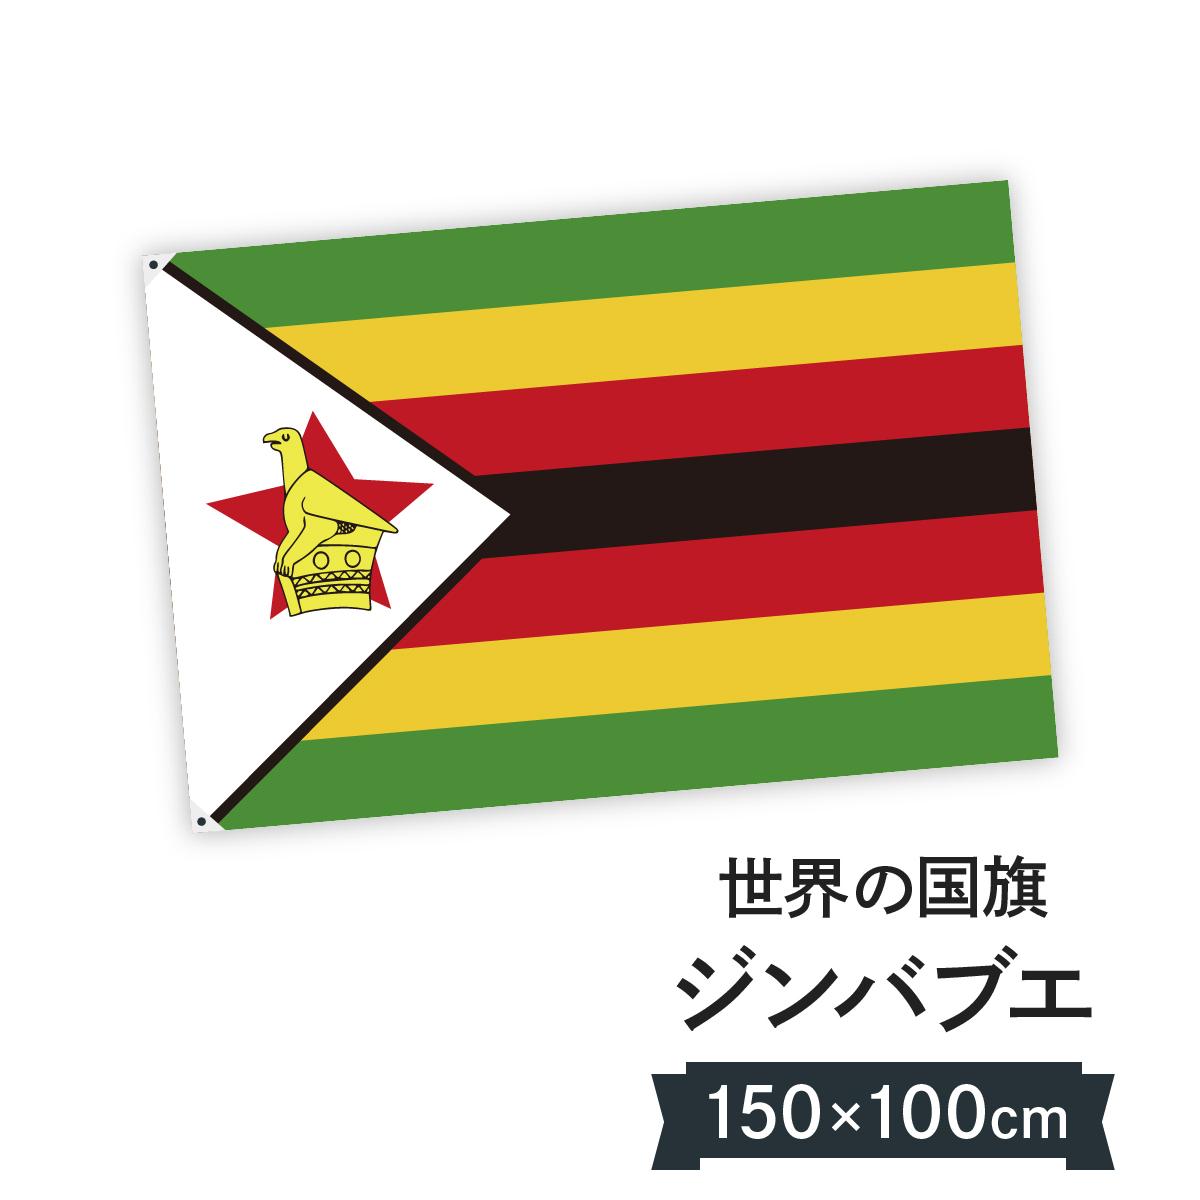 ジンバブエ共和国 国旗 W150cm H100cm